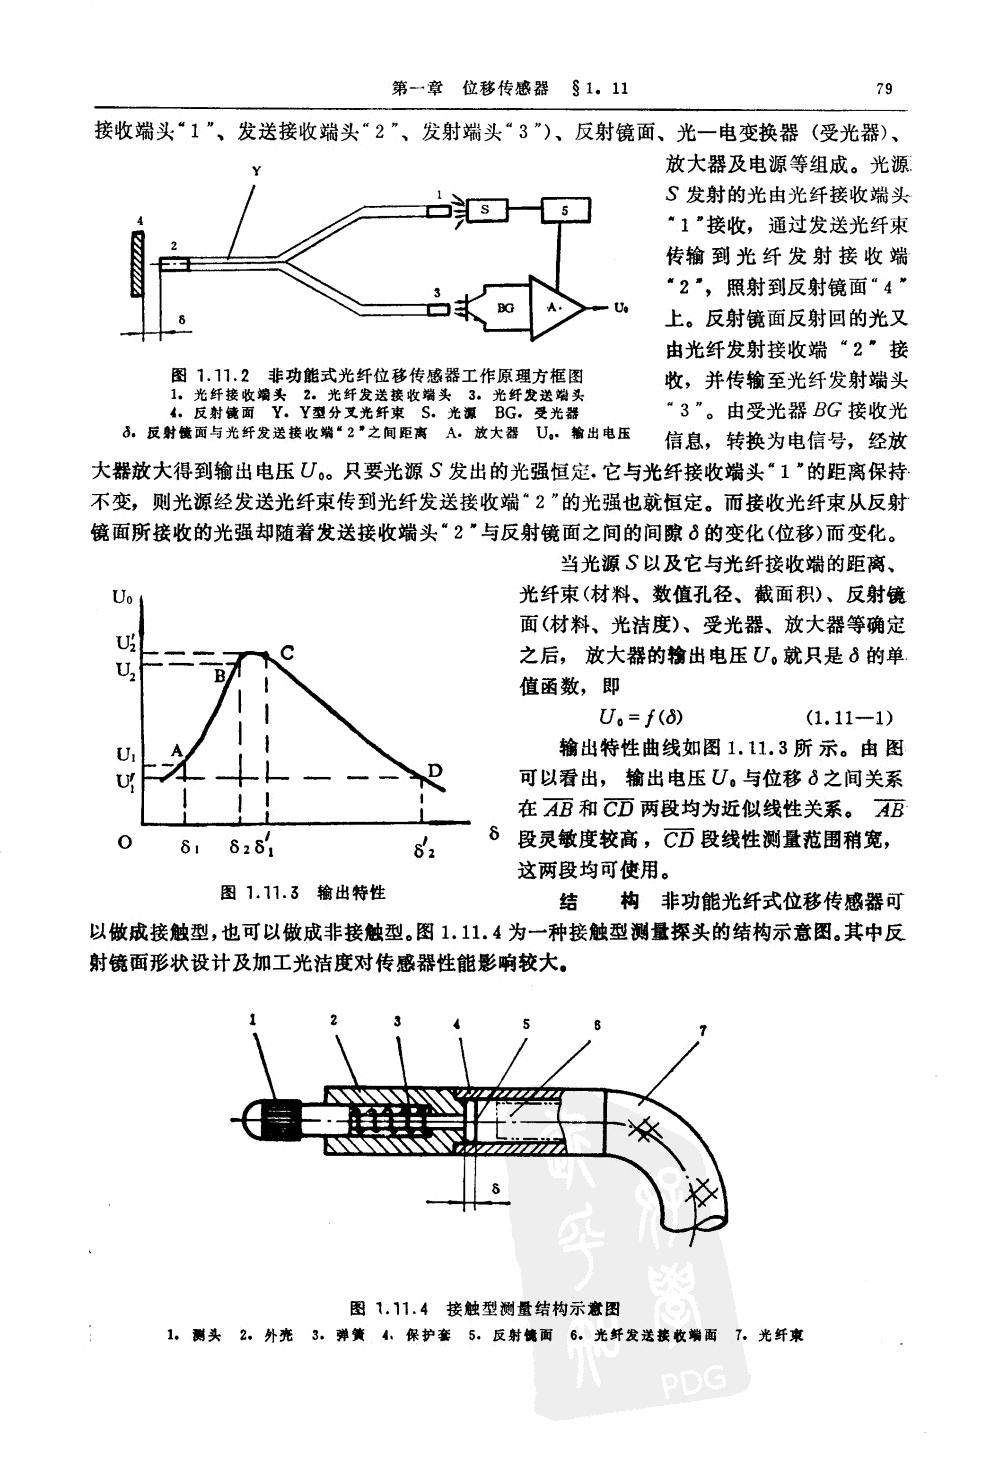 光缆架设施工方案